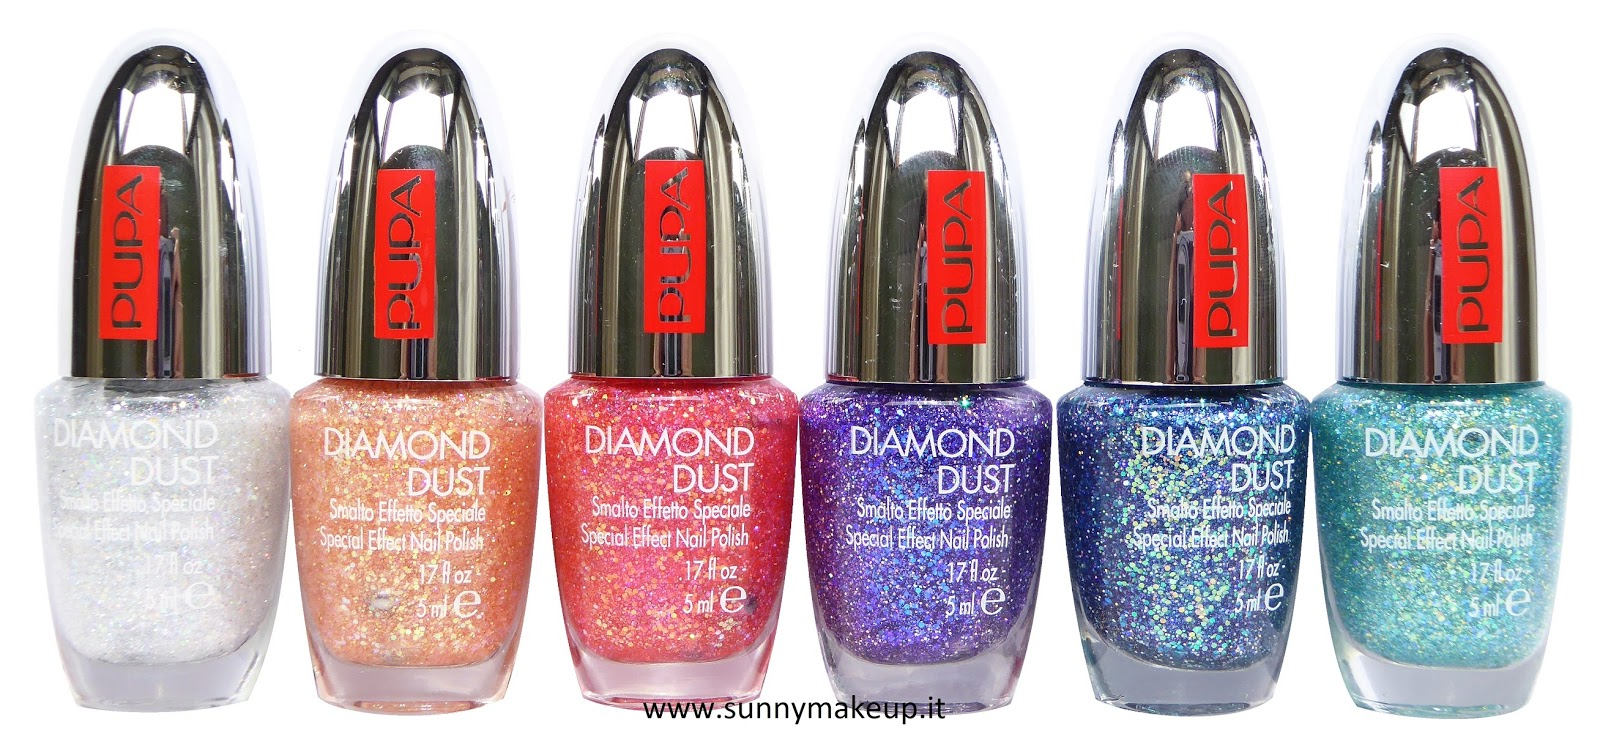 Pupa - Diamond Dust. Da sinistra verso destra, gli smalti speciali effetto polvere di diamante nelle colorazioni: 001 Silver, 002 Peach, 003 Fuchsia, 004 Violet, 005 Blue, 006 Emerald.